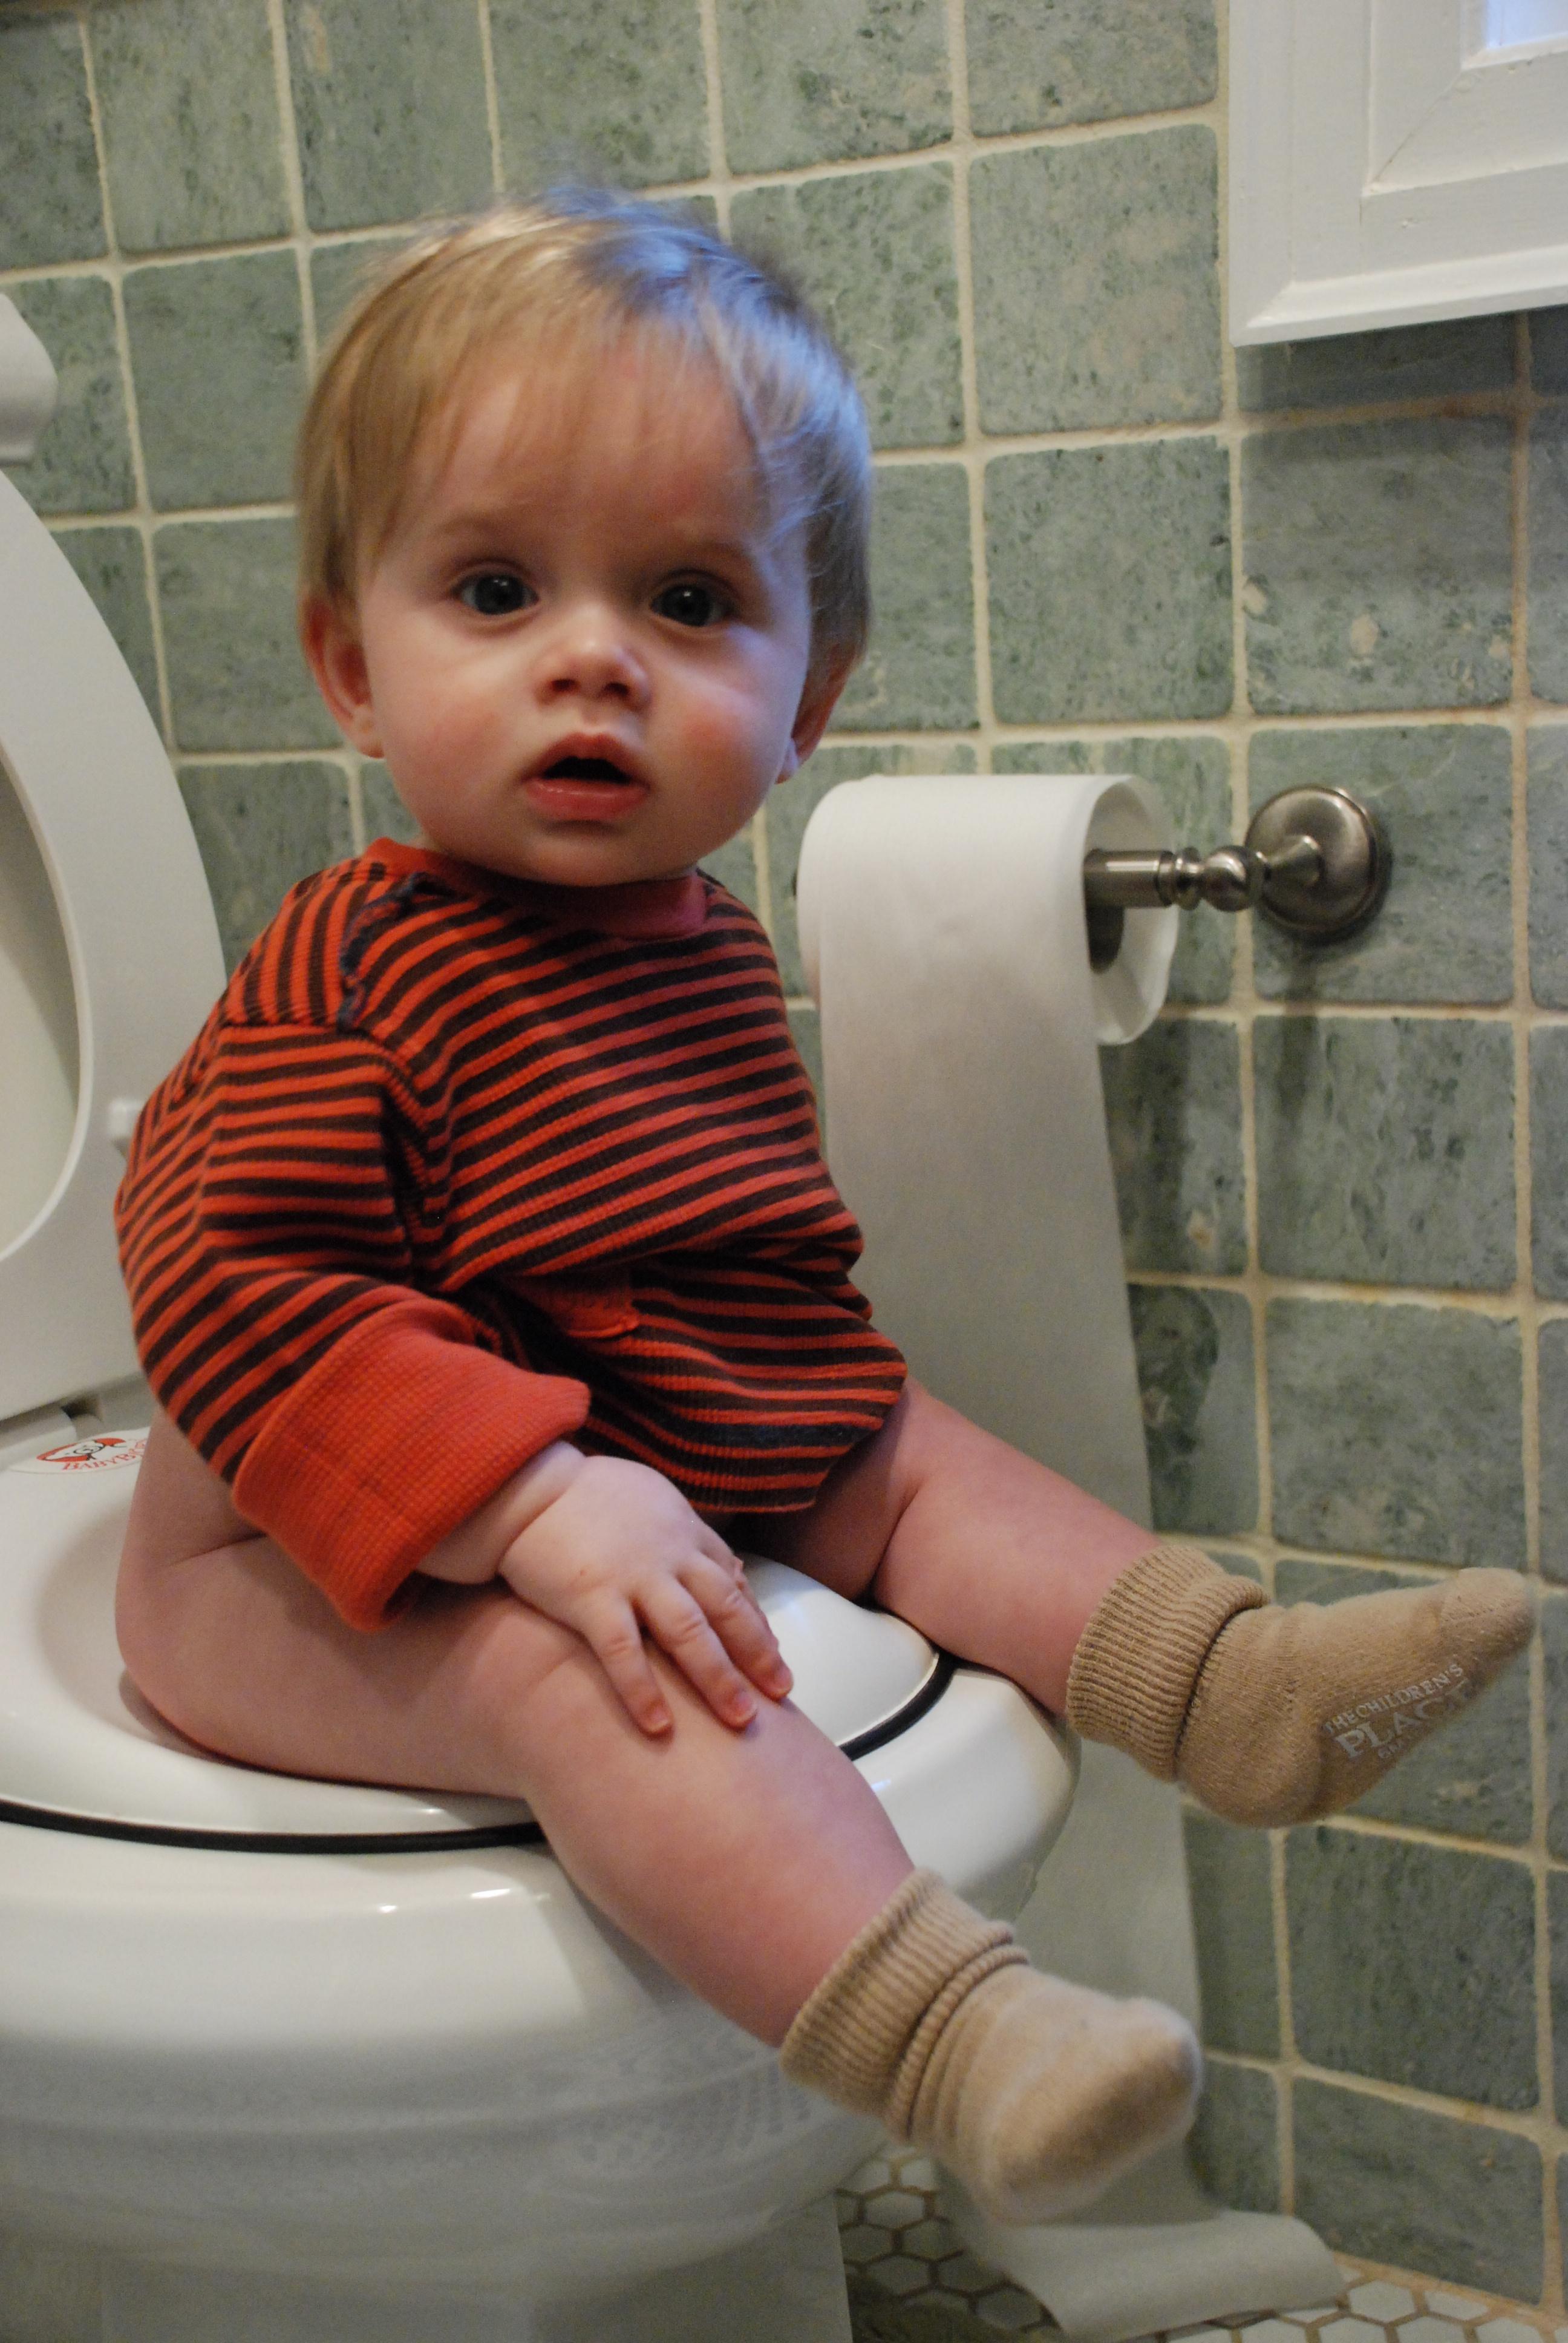 Urinaria despues de infeccion